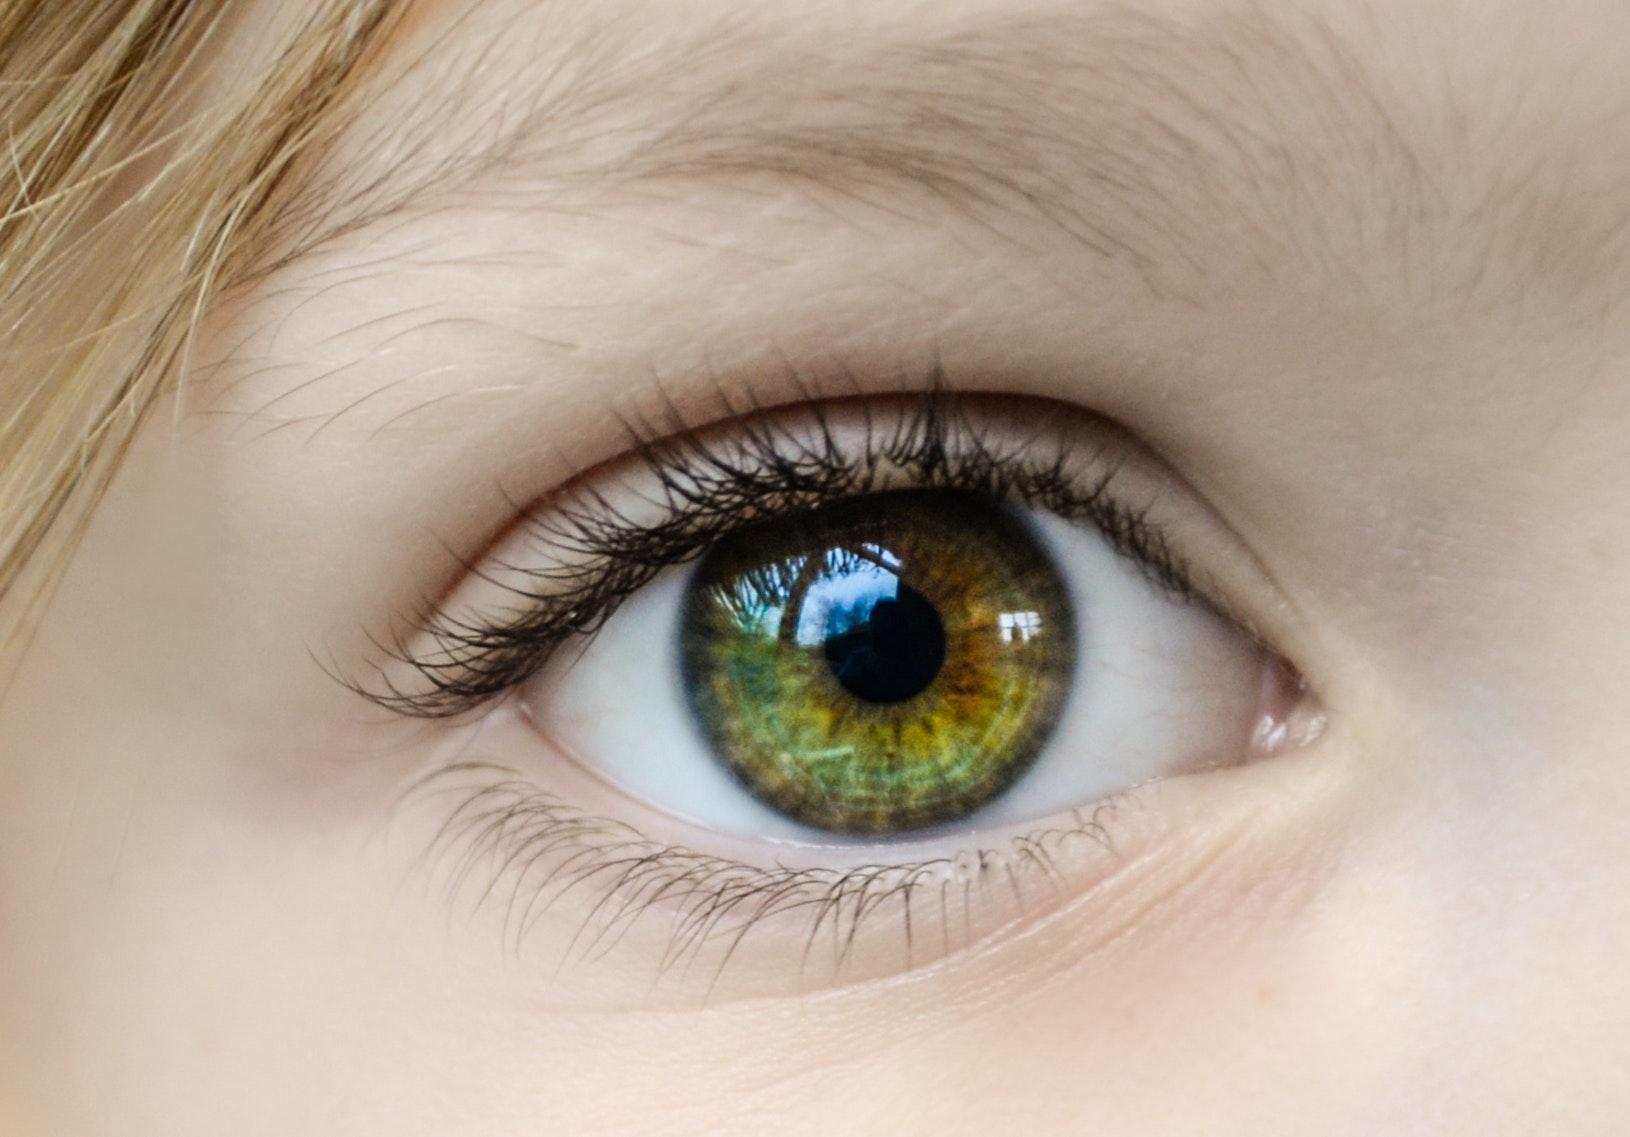 Closeup Photo of Human Eye, Close-up, Person, Woman, Vision, HQ Photo